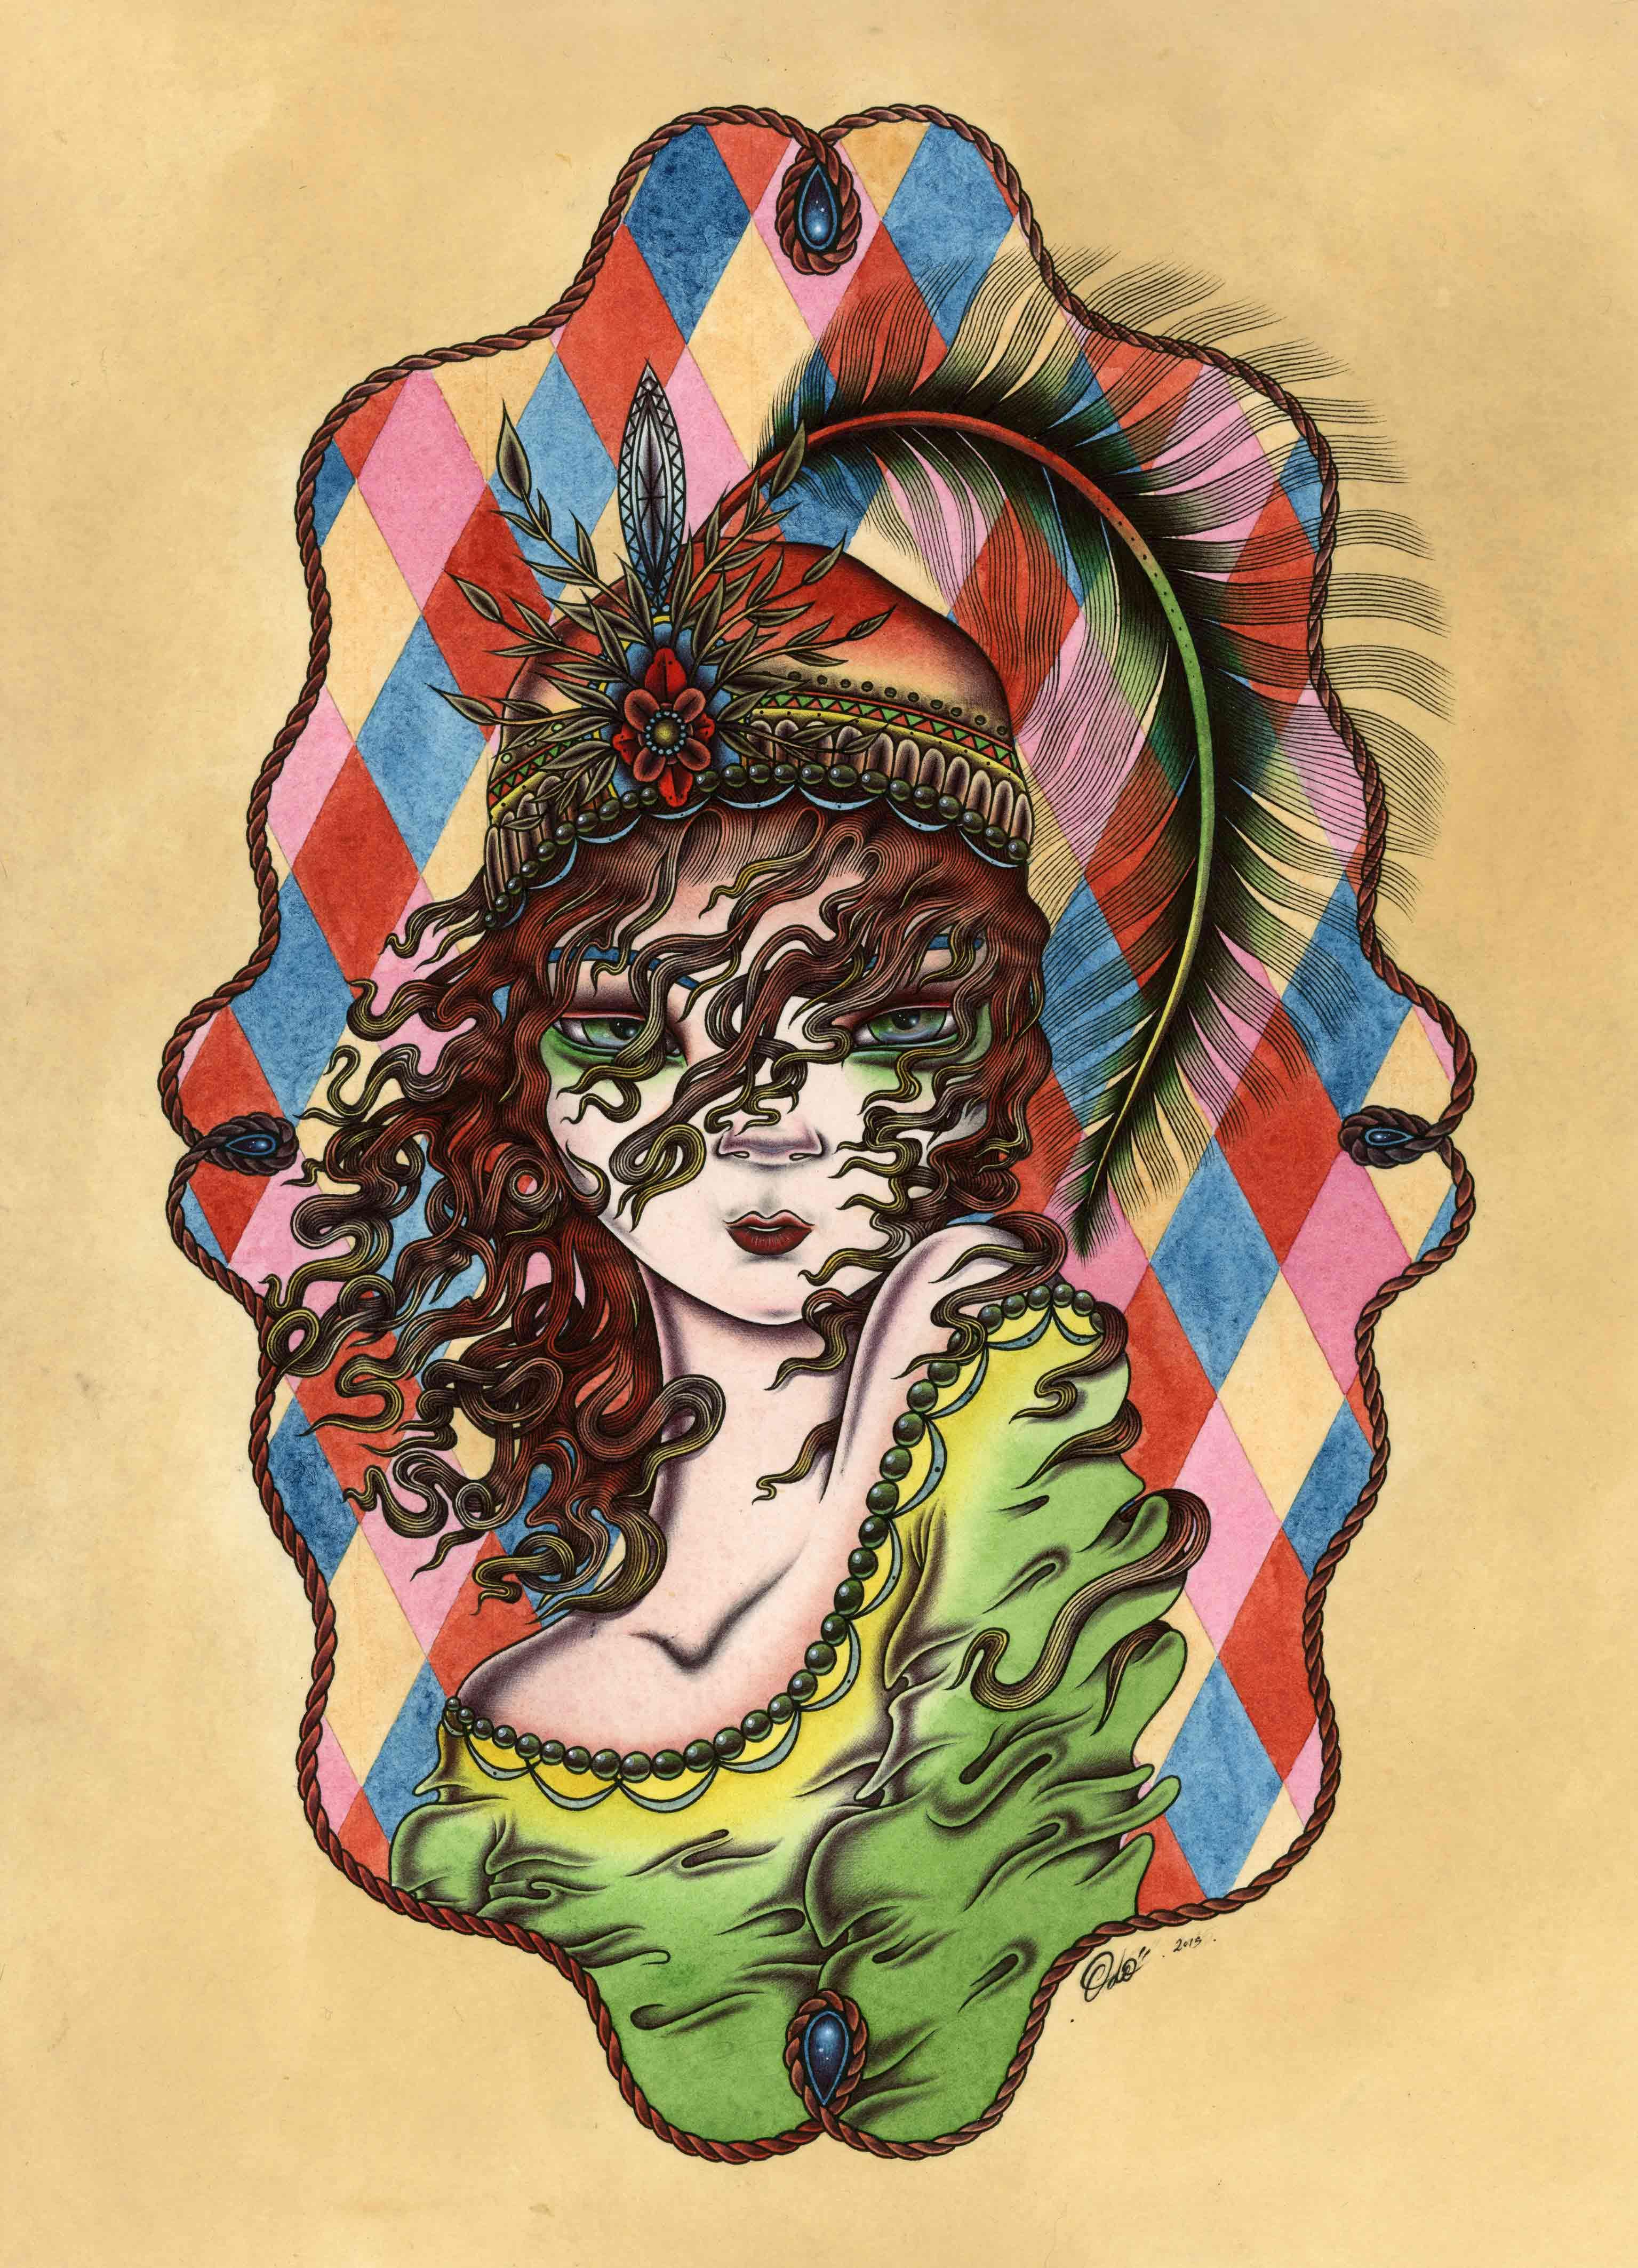 Gypsy - Odö